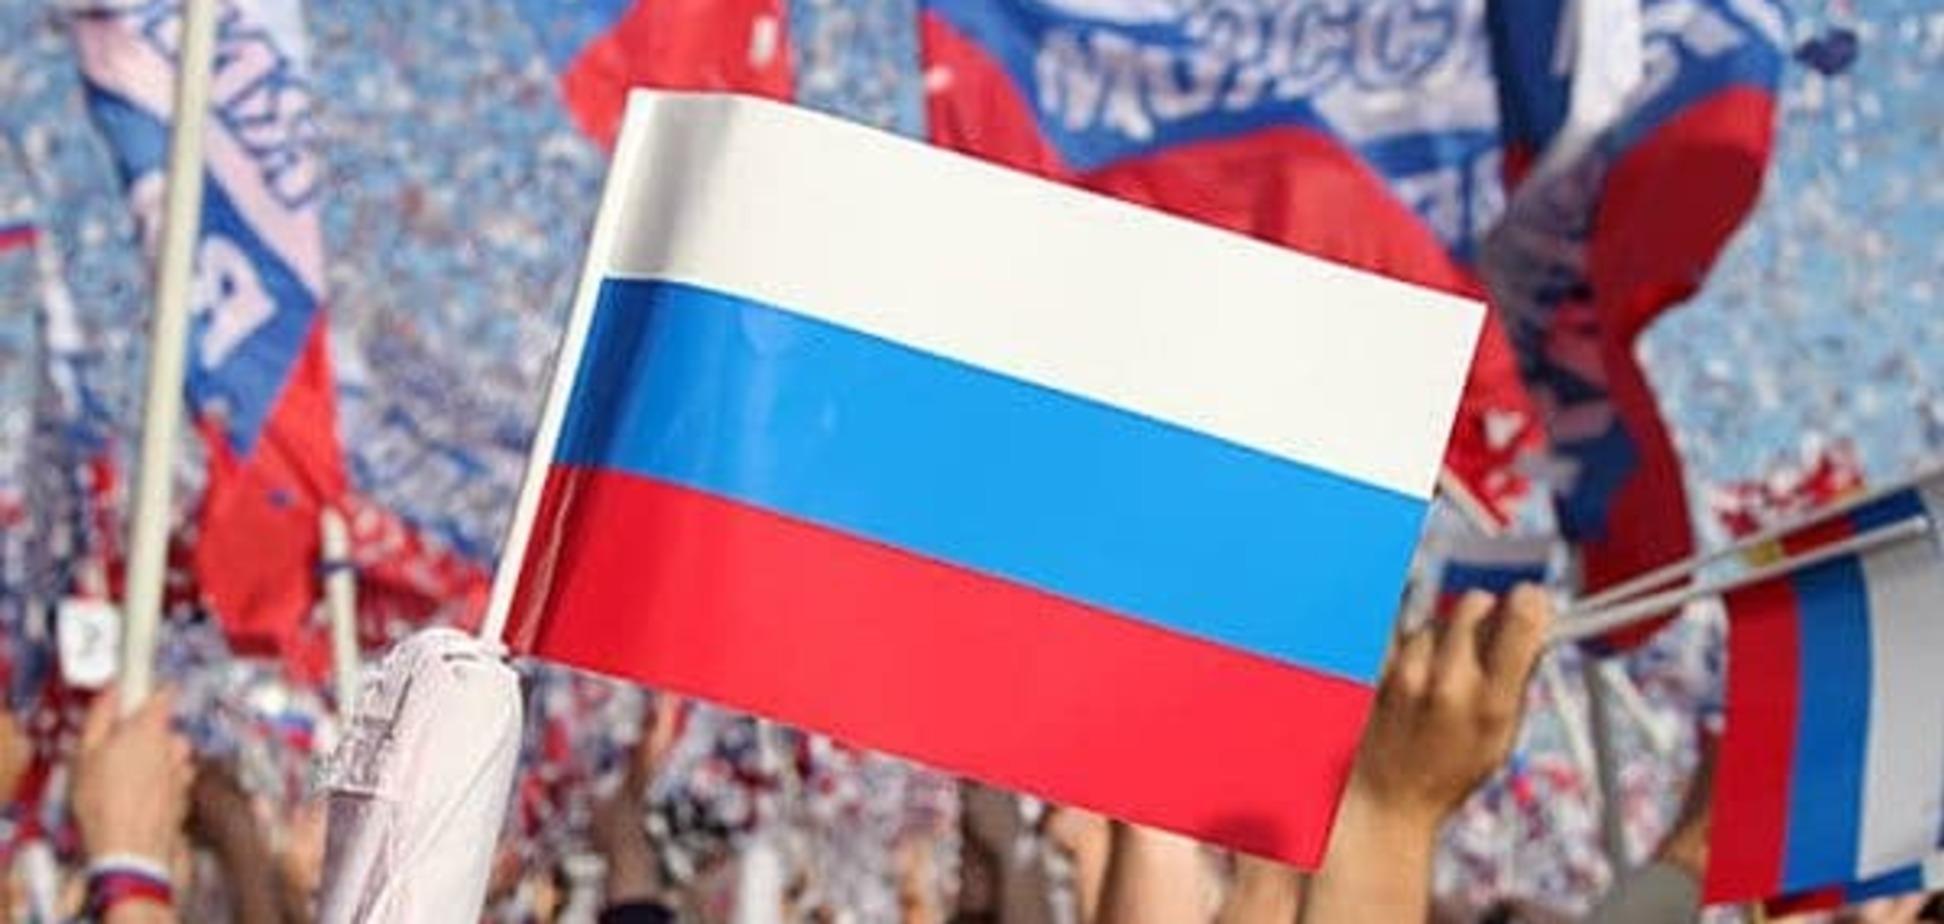 Не Путіна: Бабченко розповів, кого насправді підтримують росіяни